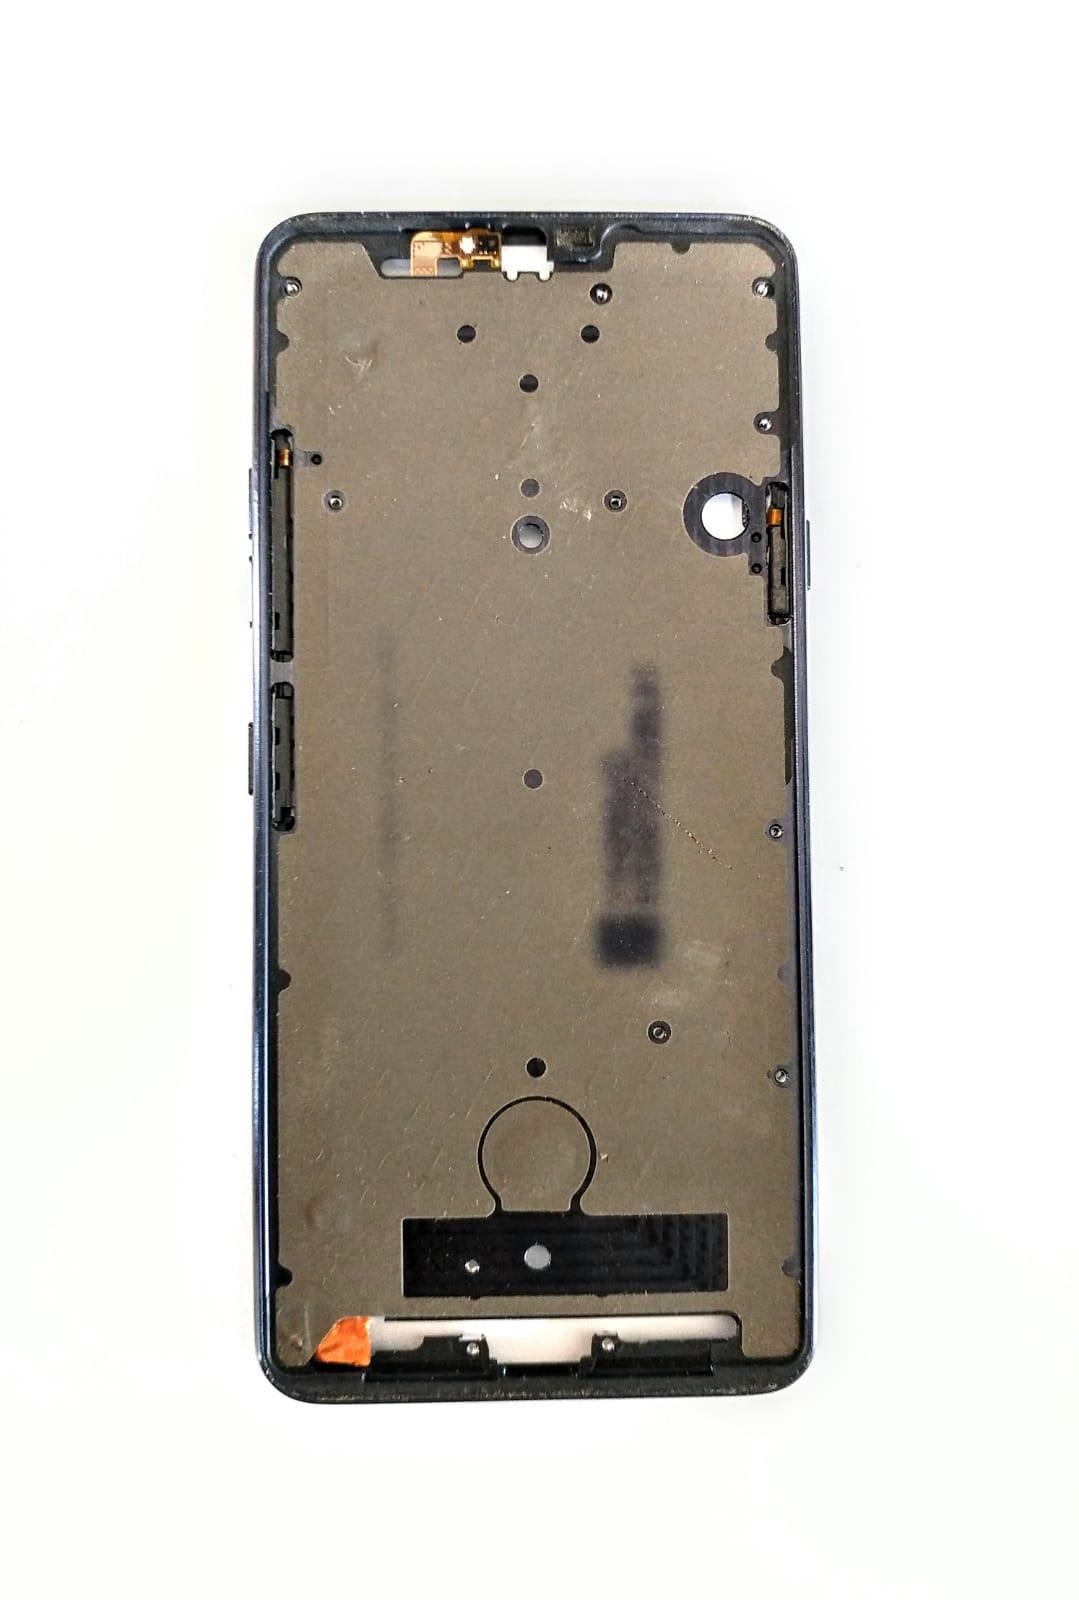 Carcaça Aro Chassi Com Botoes Celular G7 G710 Thing Original De Metal Retirado